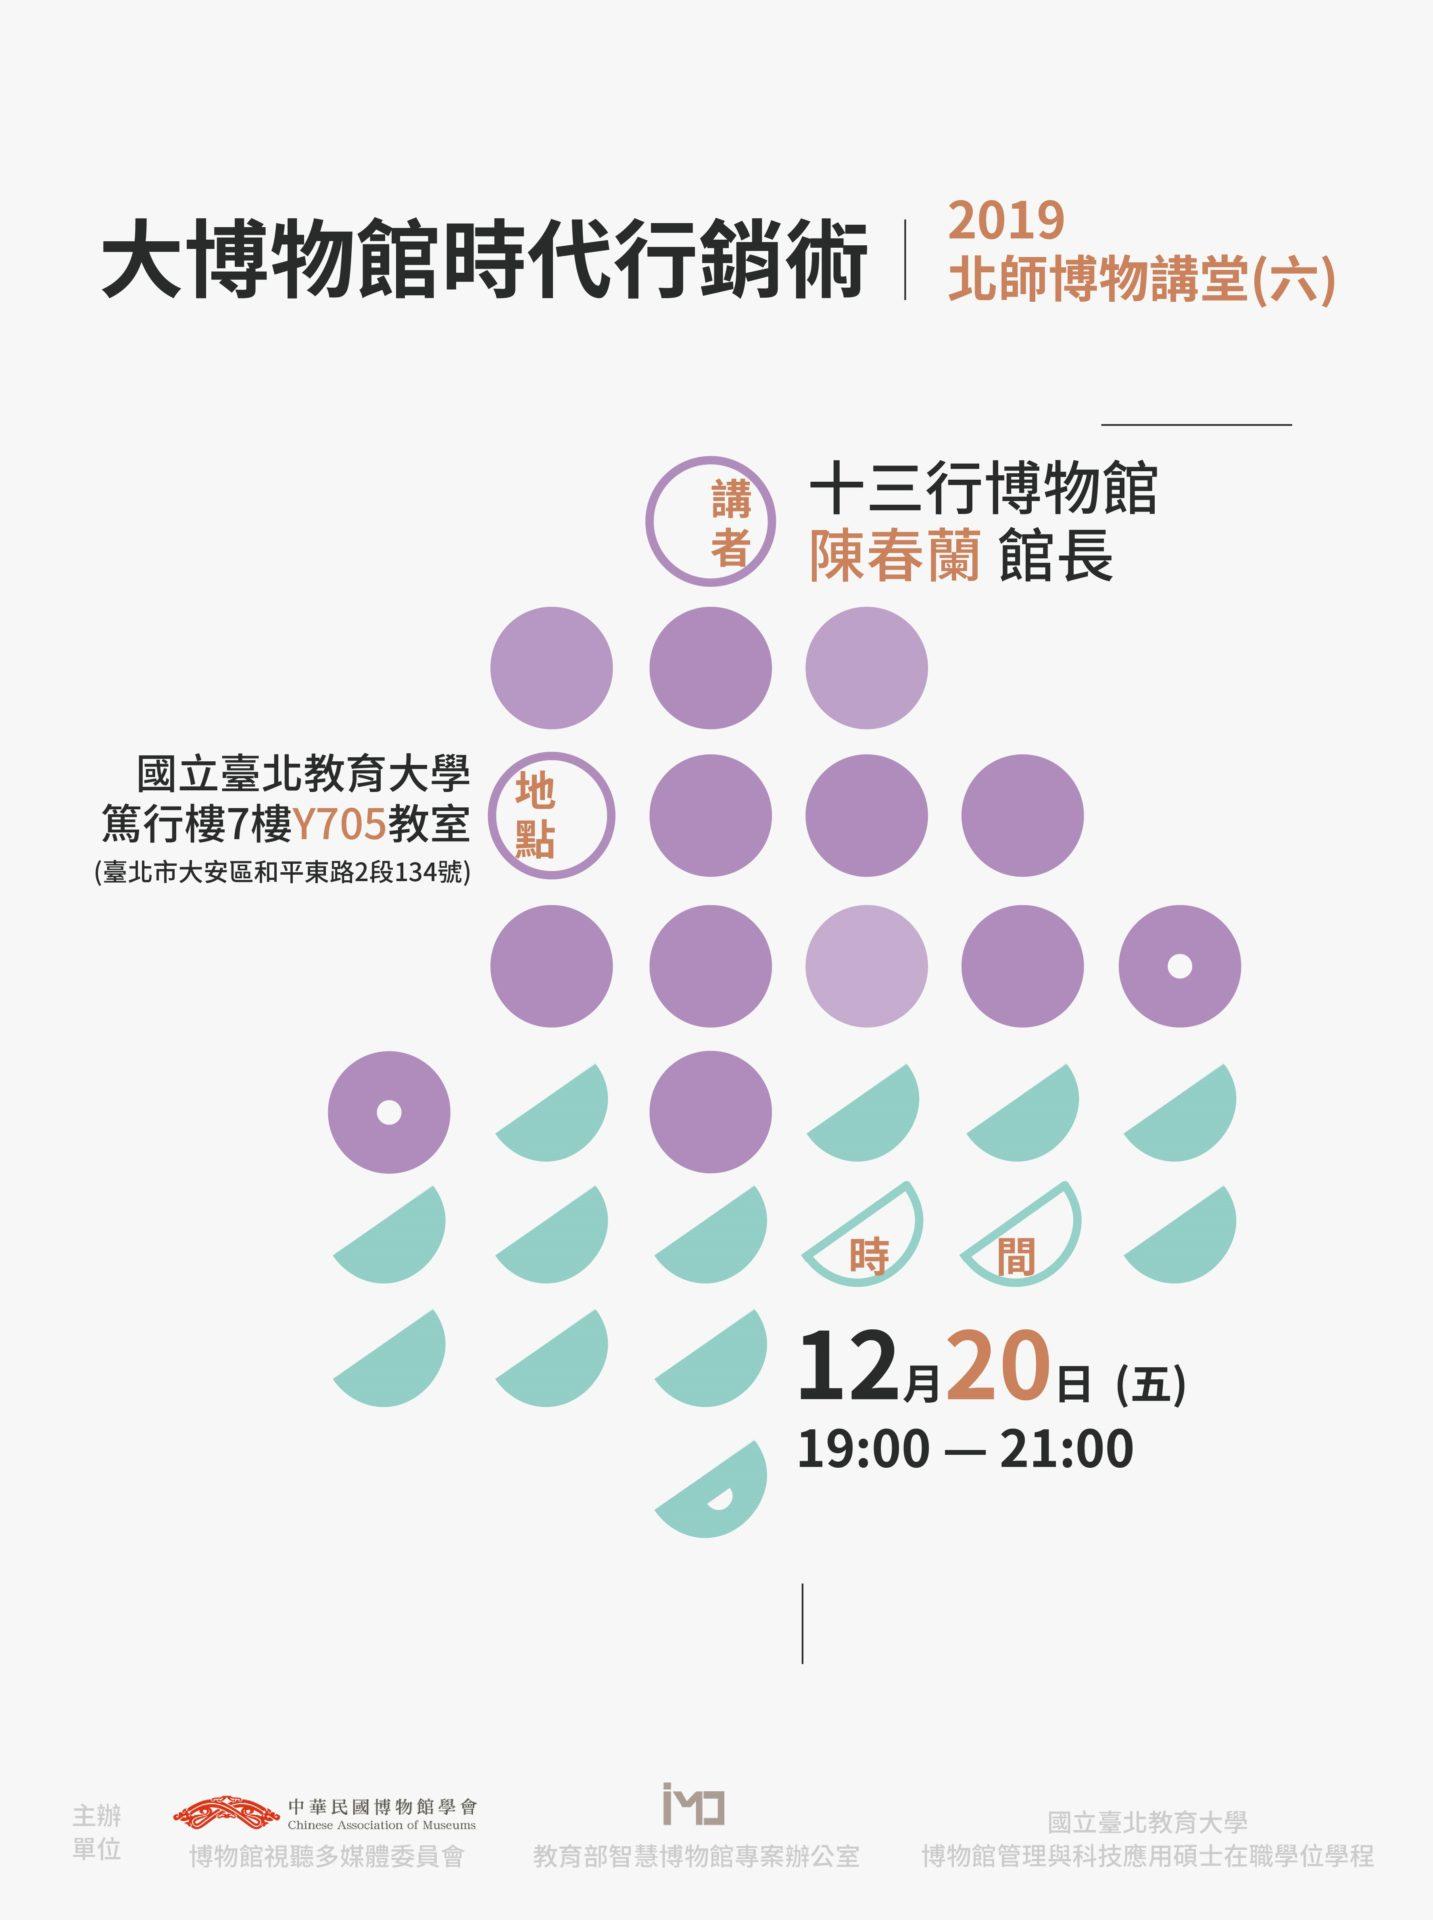 中華民國博物館學會:2019/12/20【2019北師博物講堂-大博物館時代行銷術】